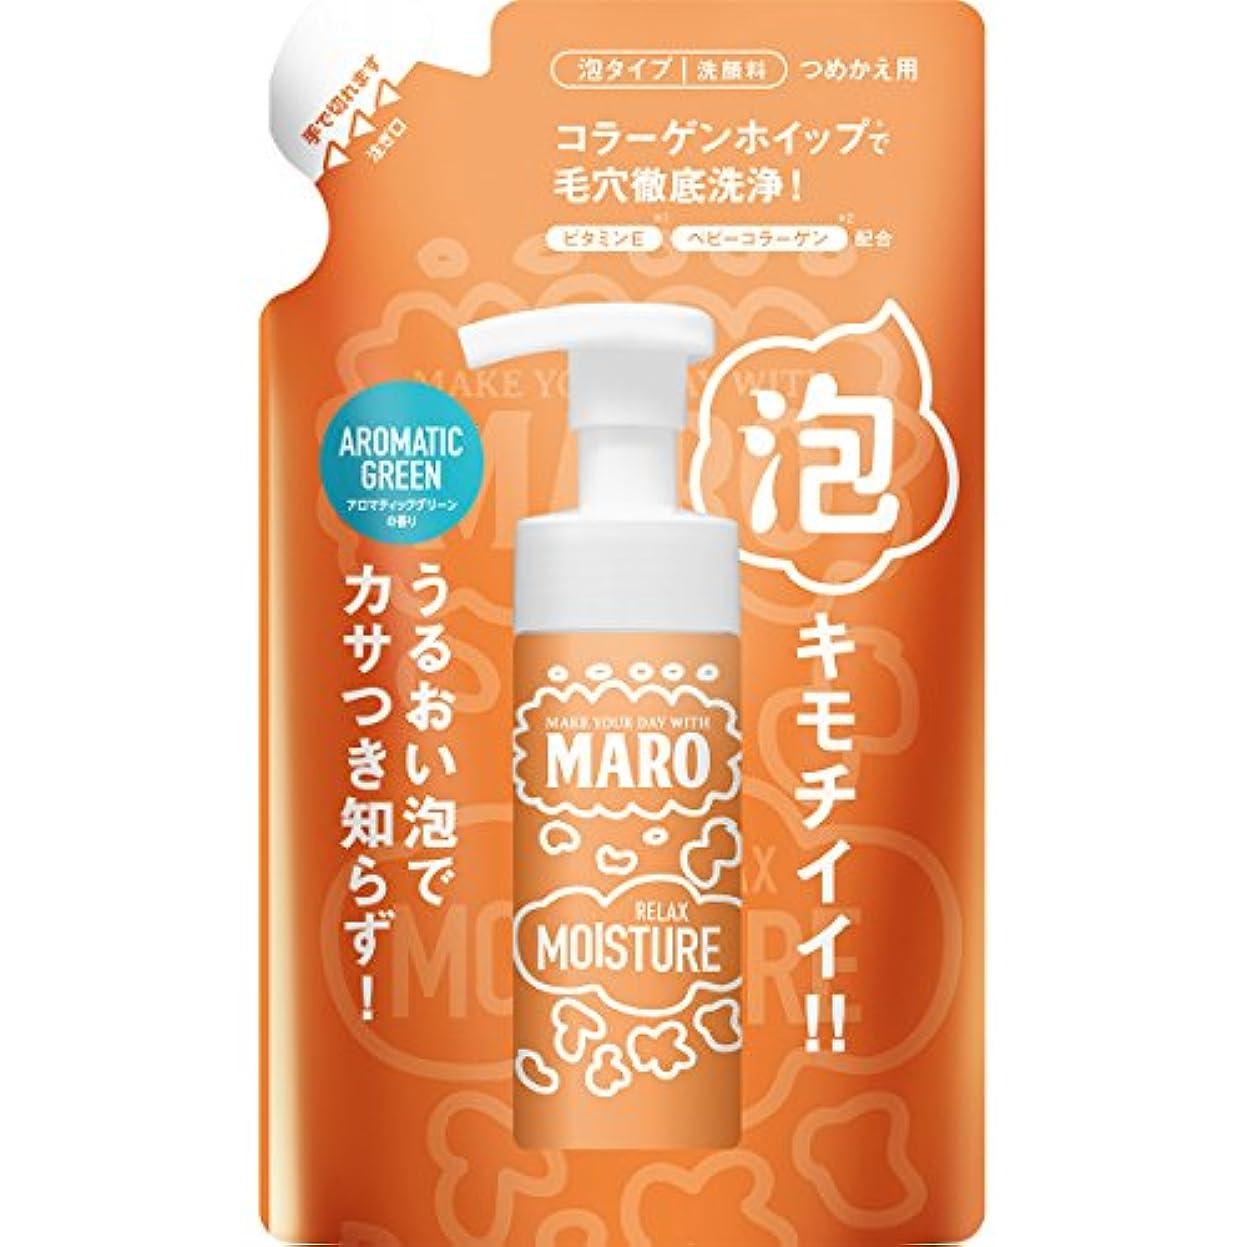 意見送信する時代MARO グルーヴィー 泡洗顔 詰め替え リラックスモイスチャー 130ml